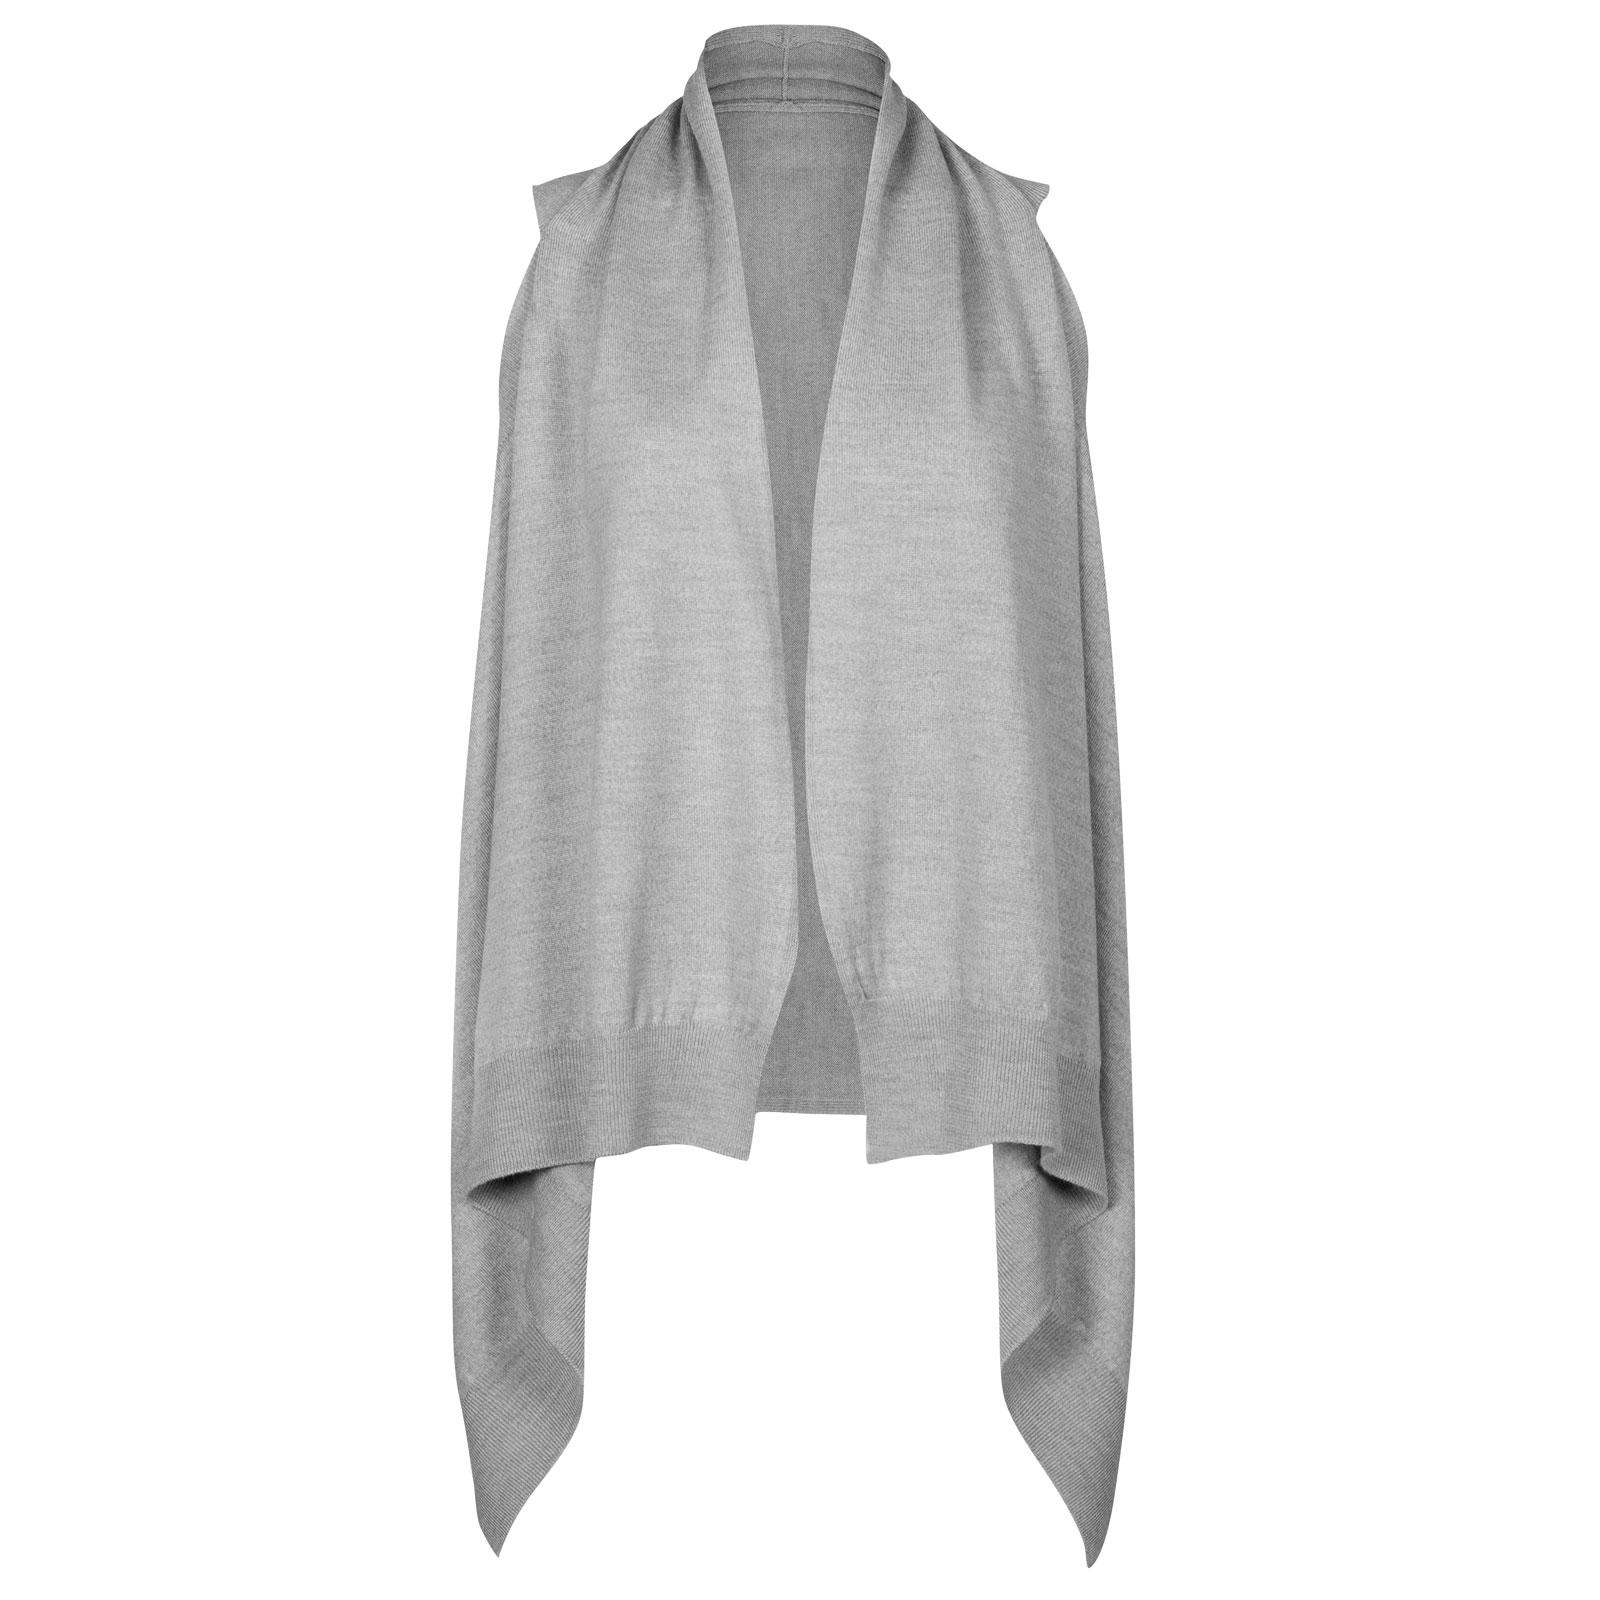 John Smedley talla Merino Wool Cardigan in Bardot Grey-S